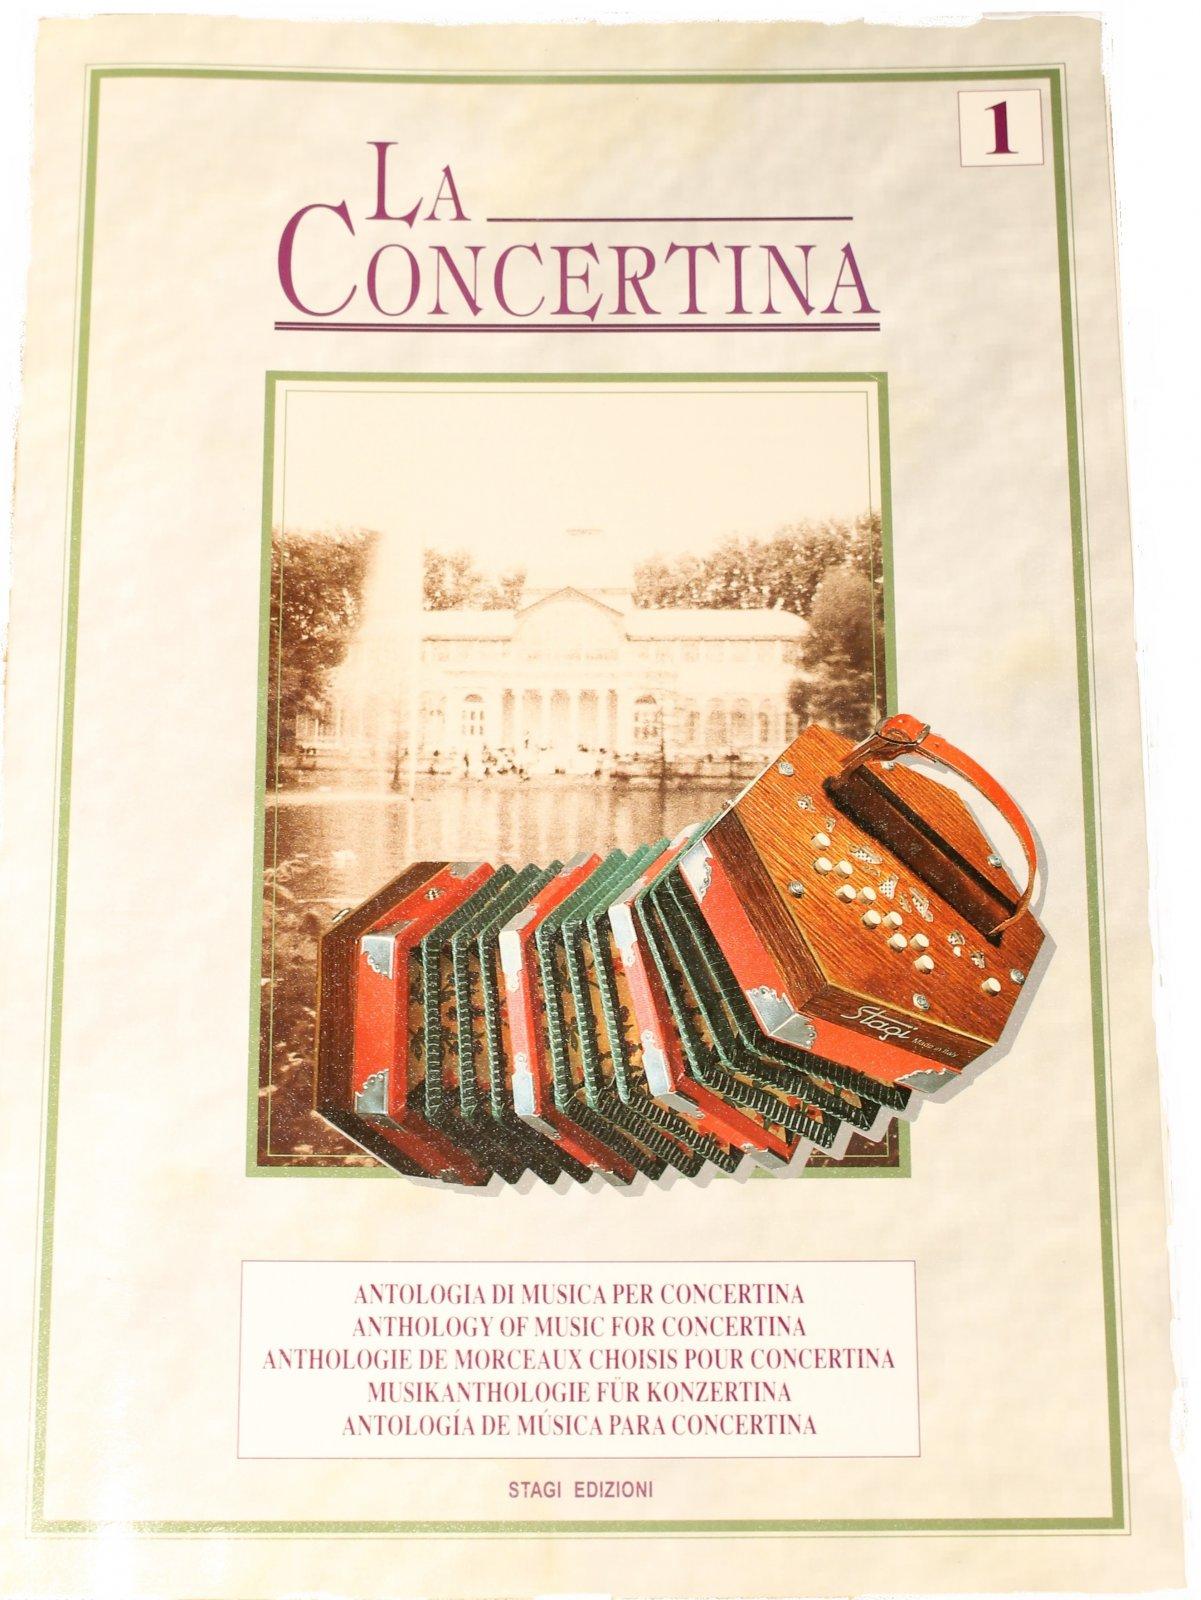 La Concertina: Songbook for Concertina